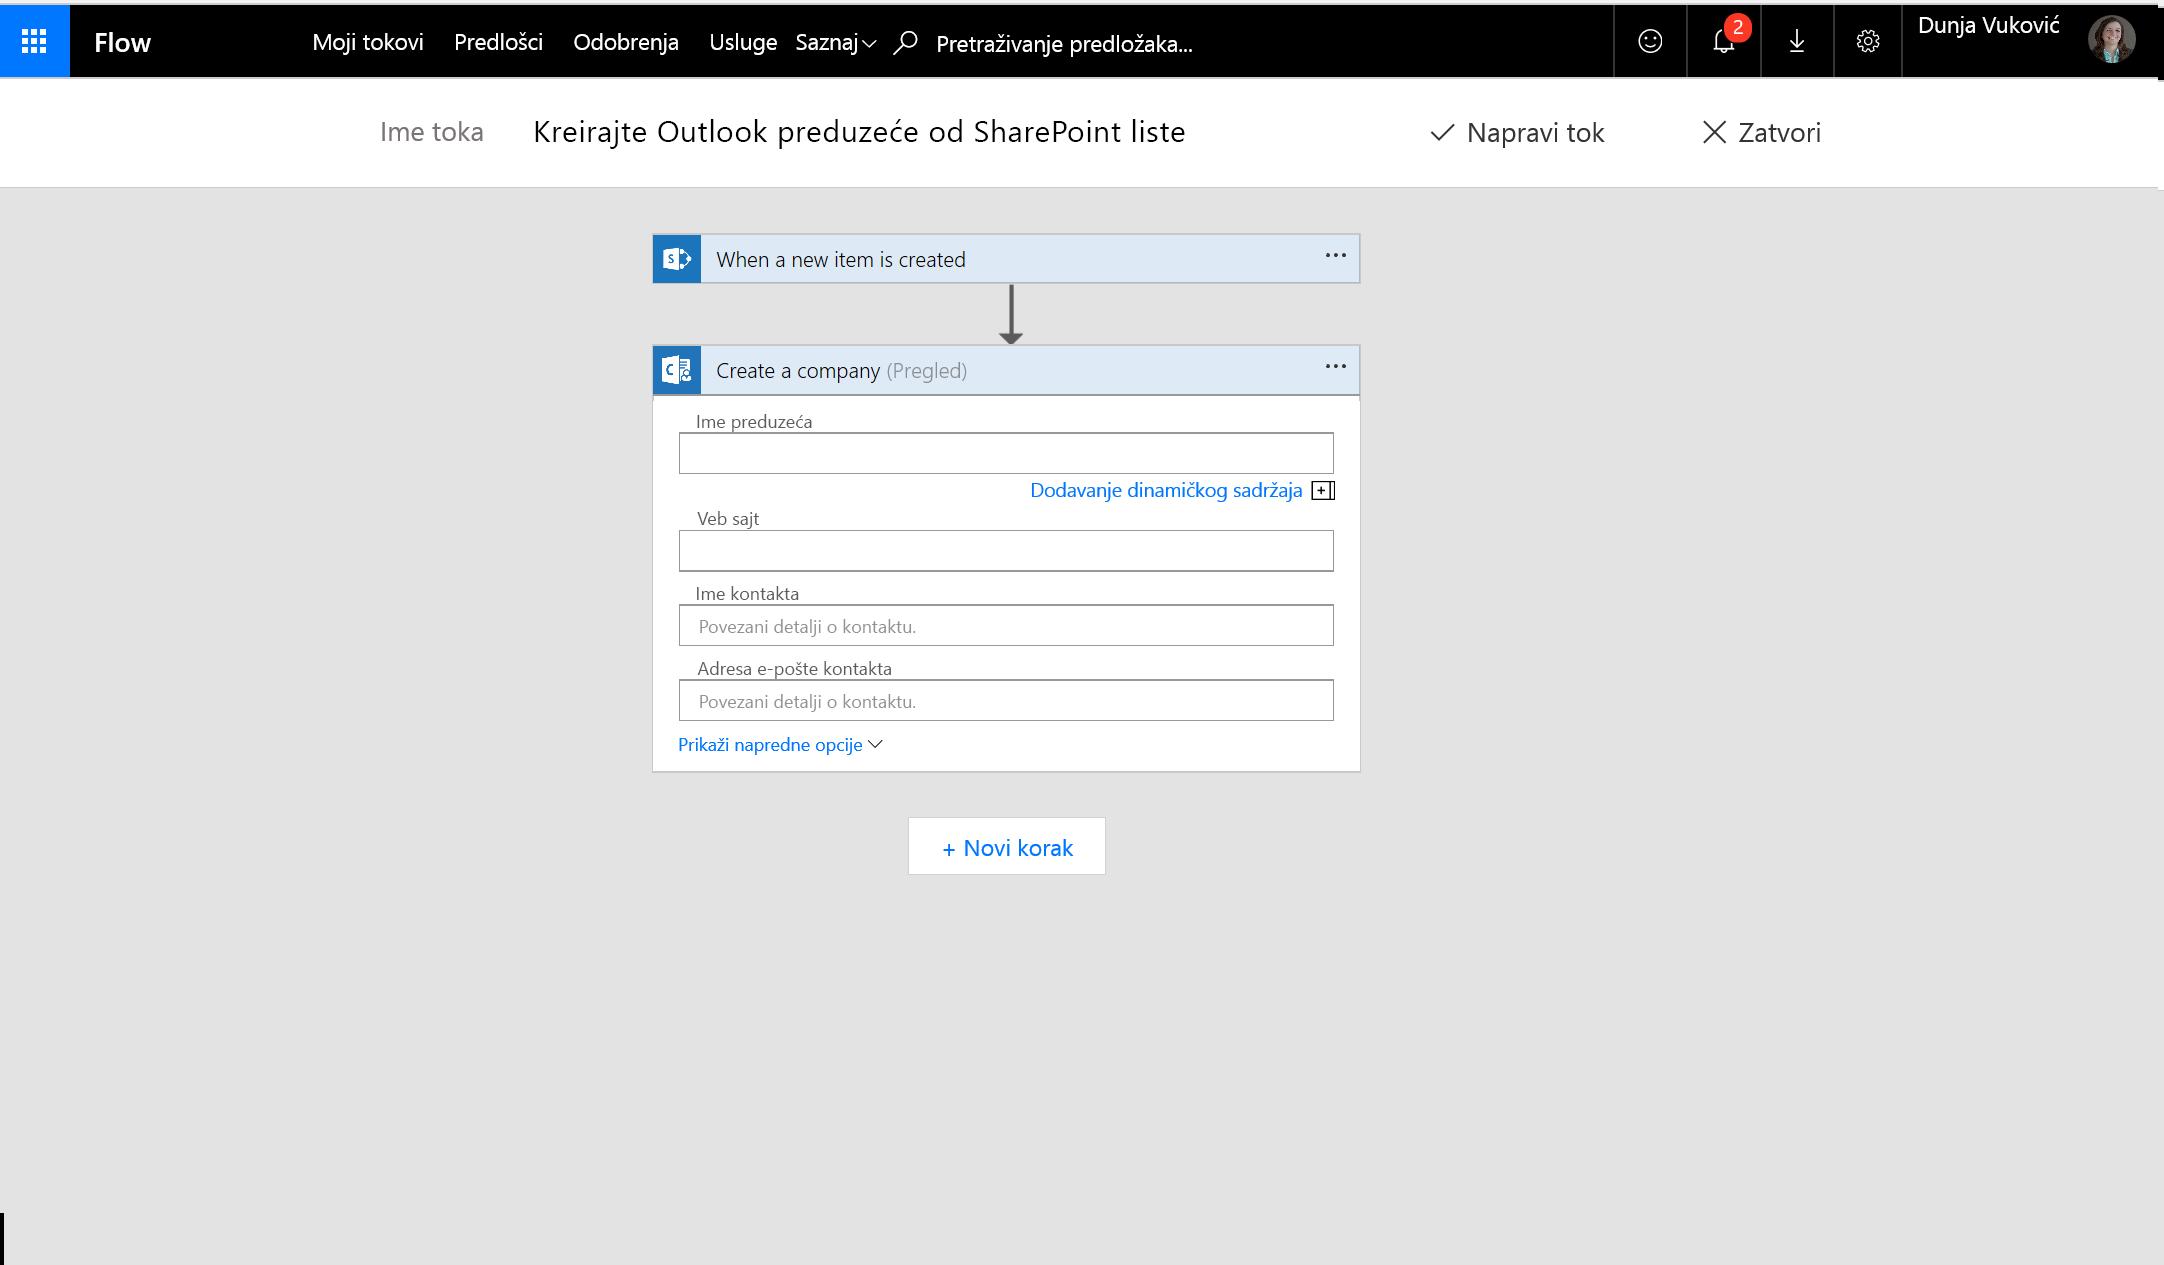 Snimak ekrana kako da kreirate preduzeća pomoću toka